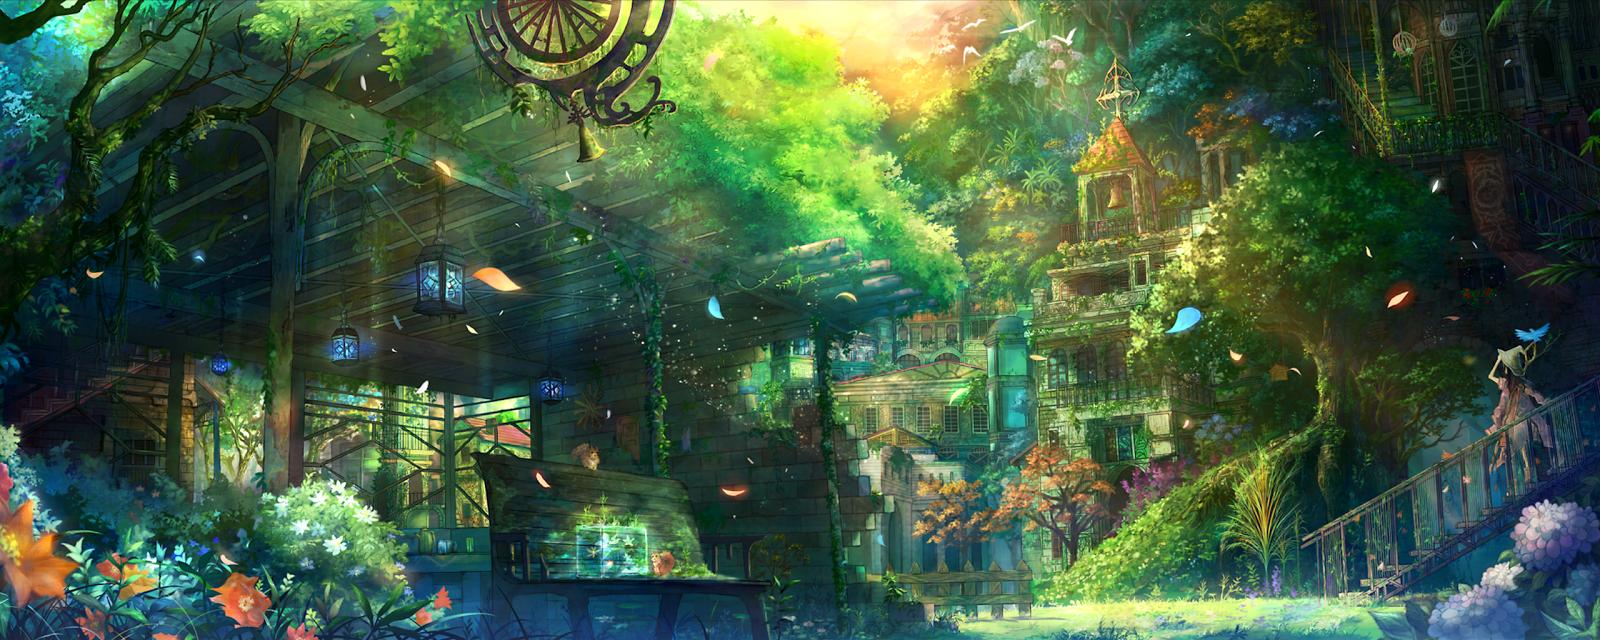 City Anime Landscape